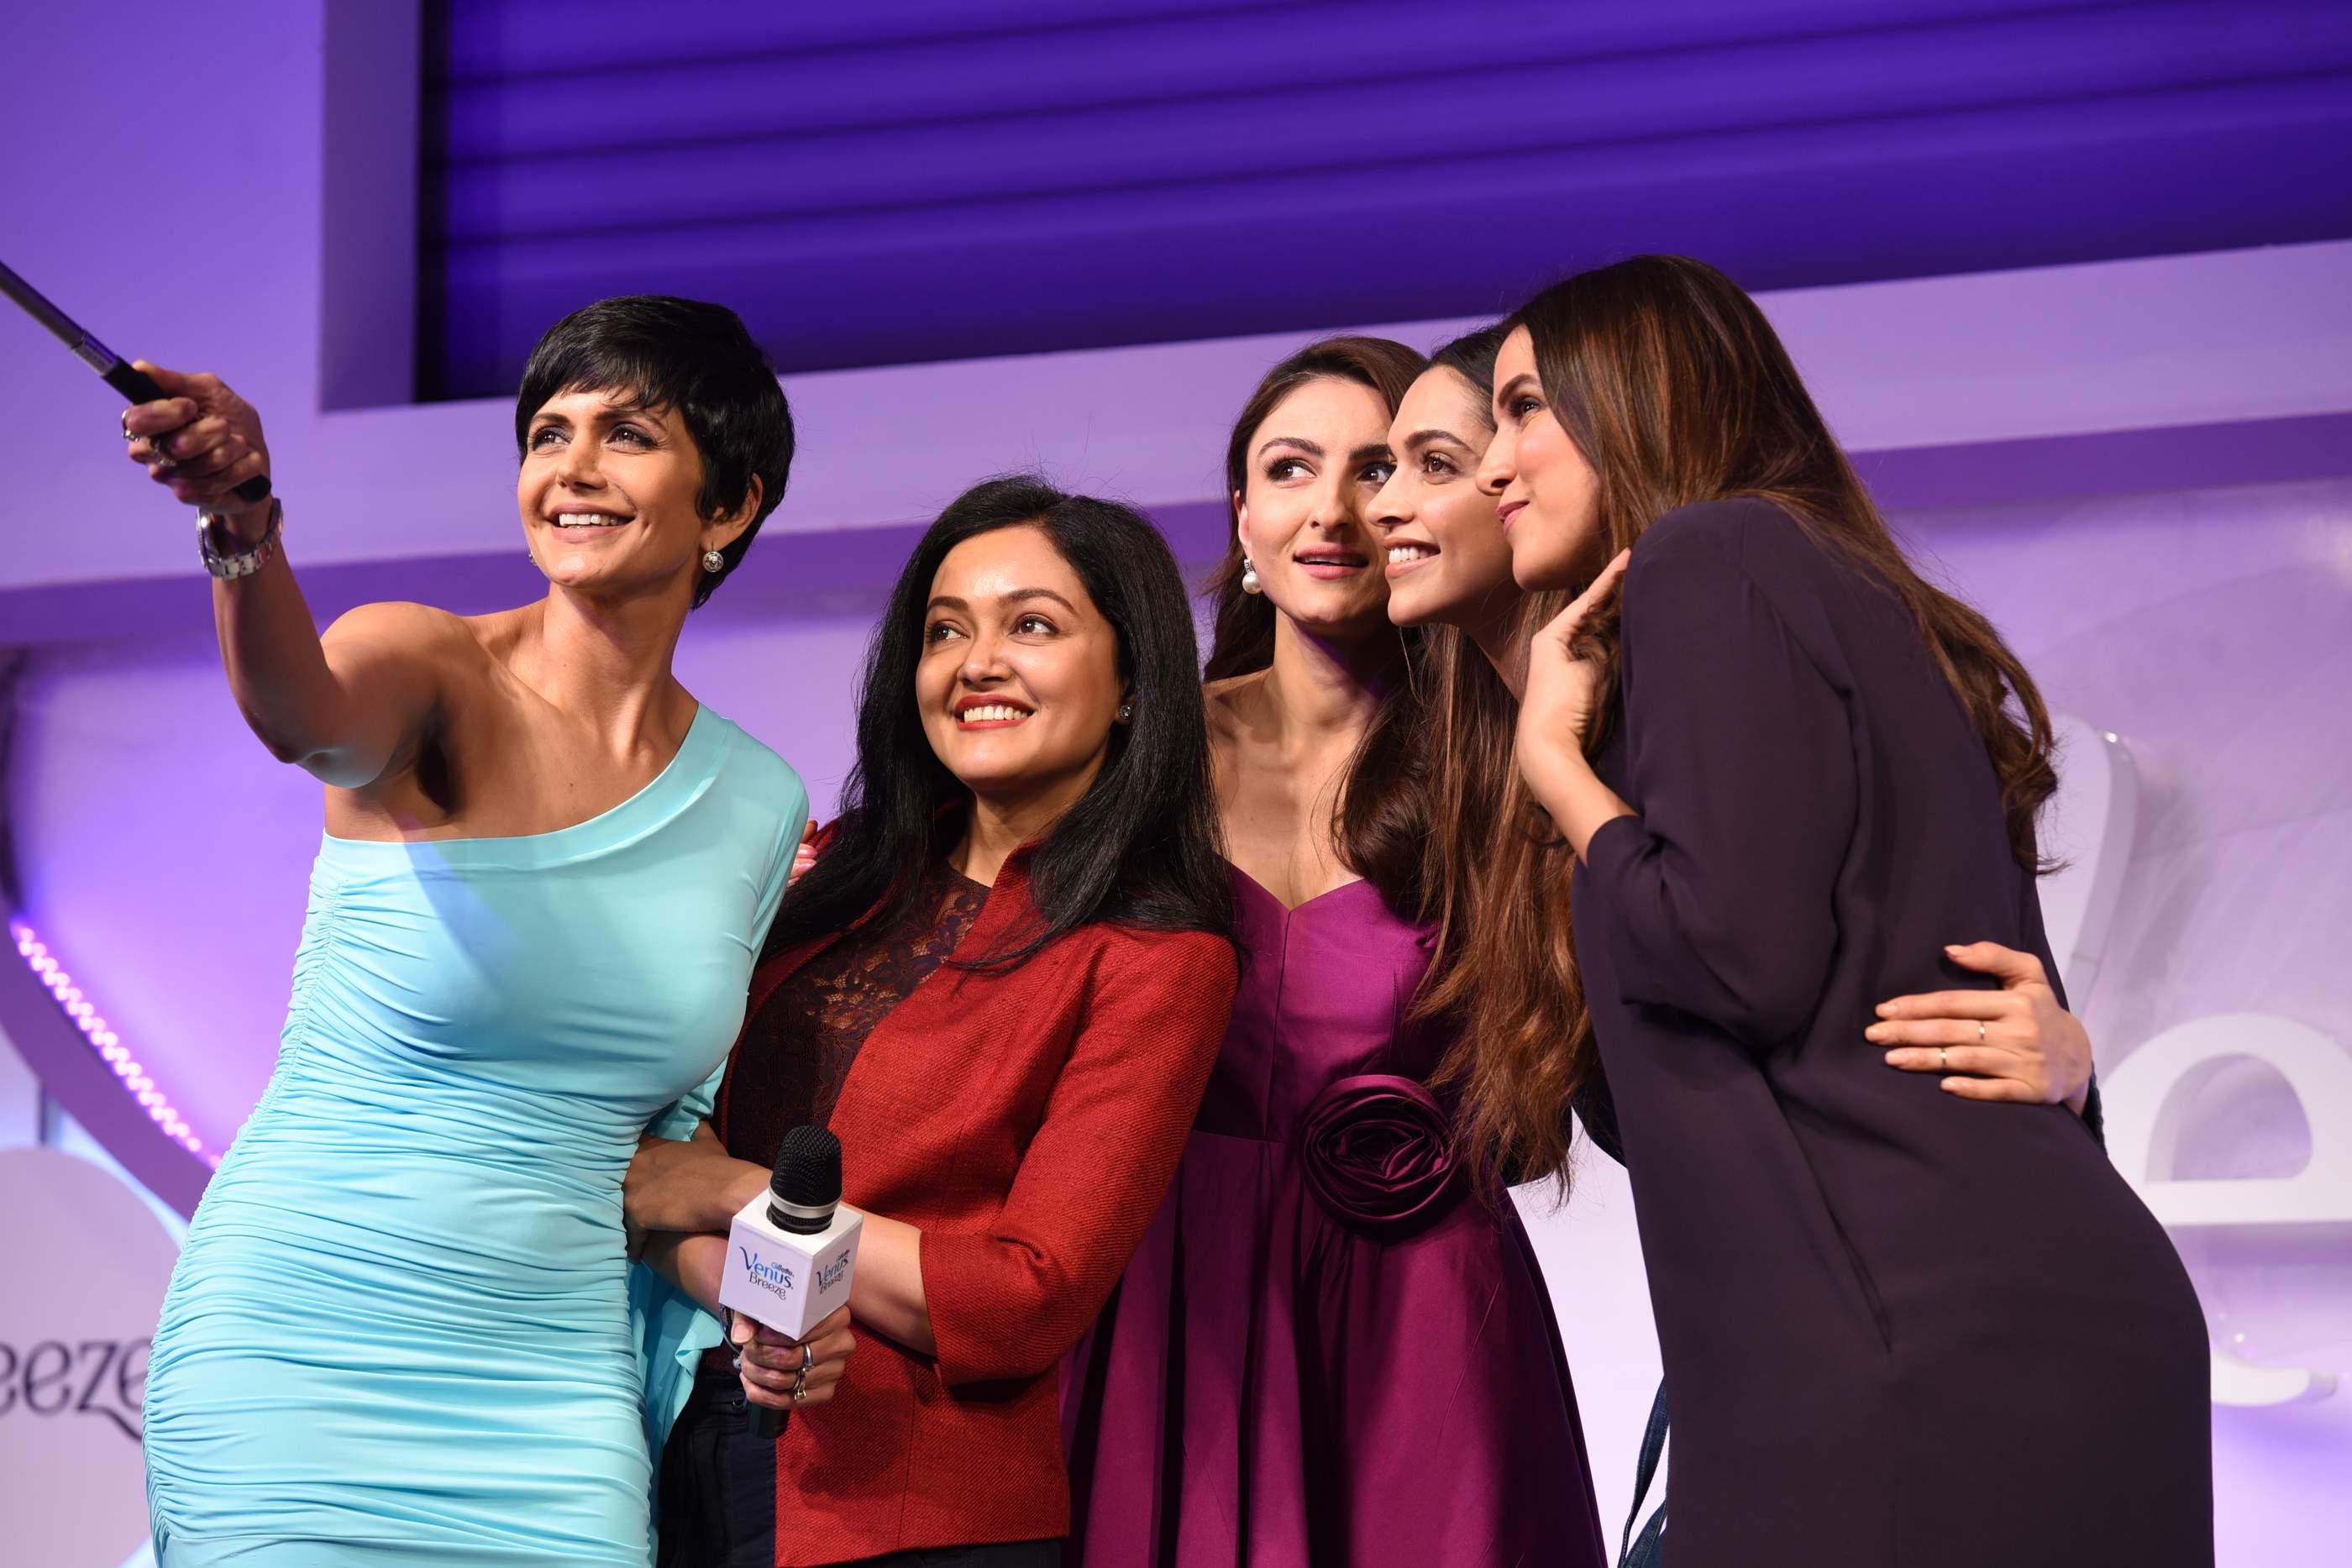 Beautiful Deepika Padukone, Soha Ali Khan & Neha Dhupia Beautiful Deepika Padukone, Soha Ali Khan & Neha Dhupia Gilette 119